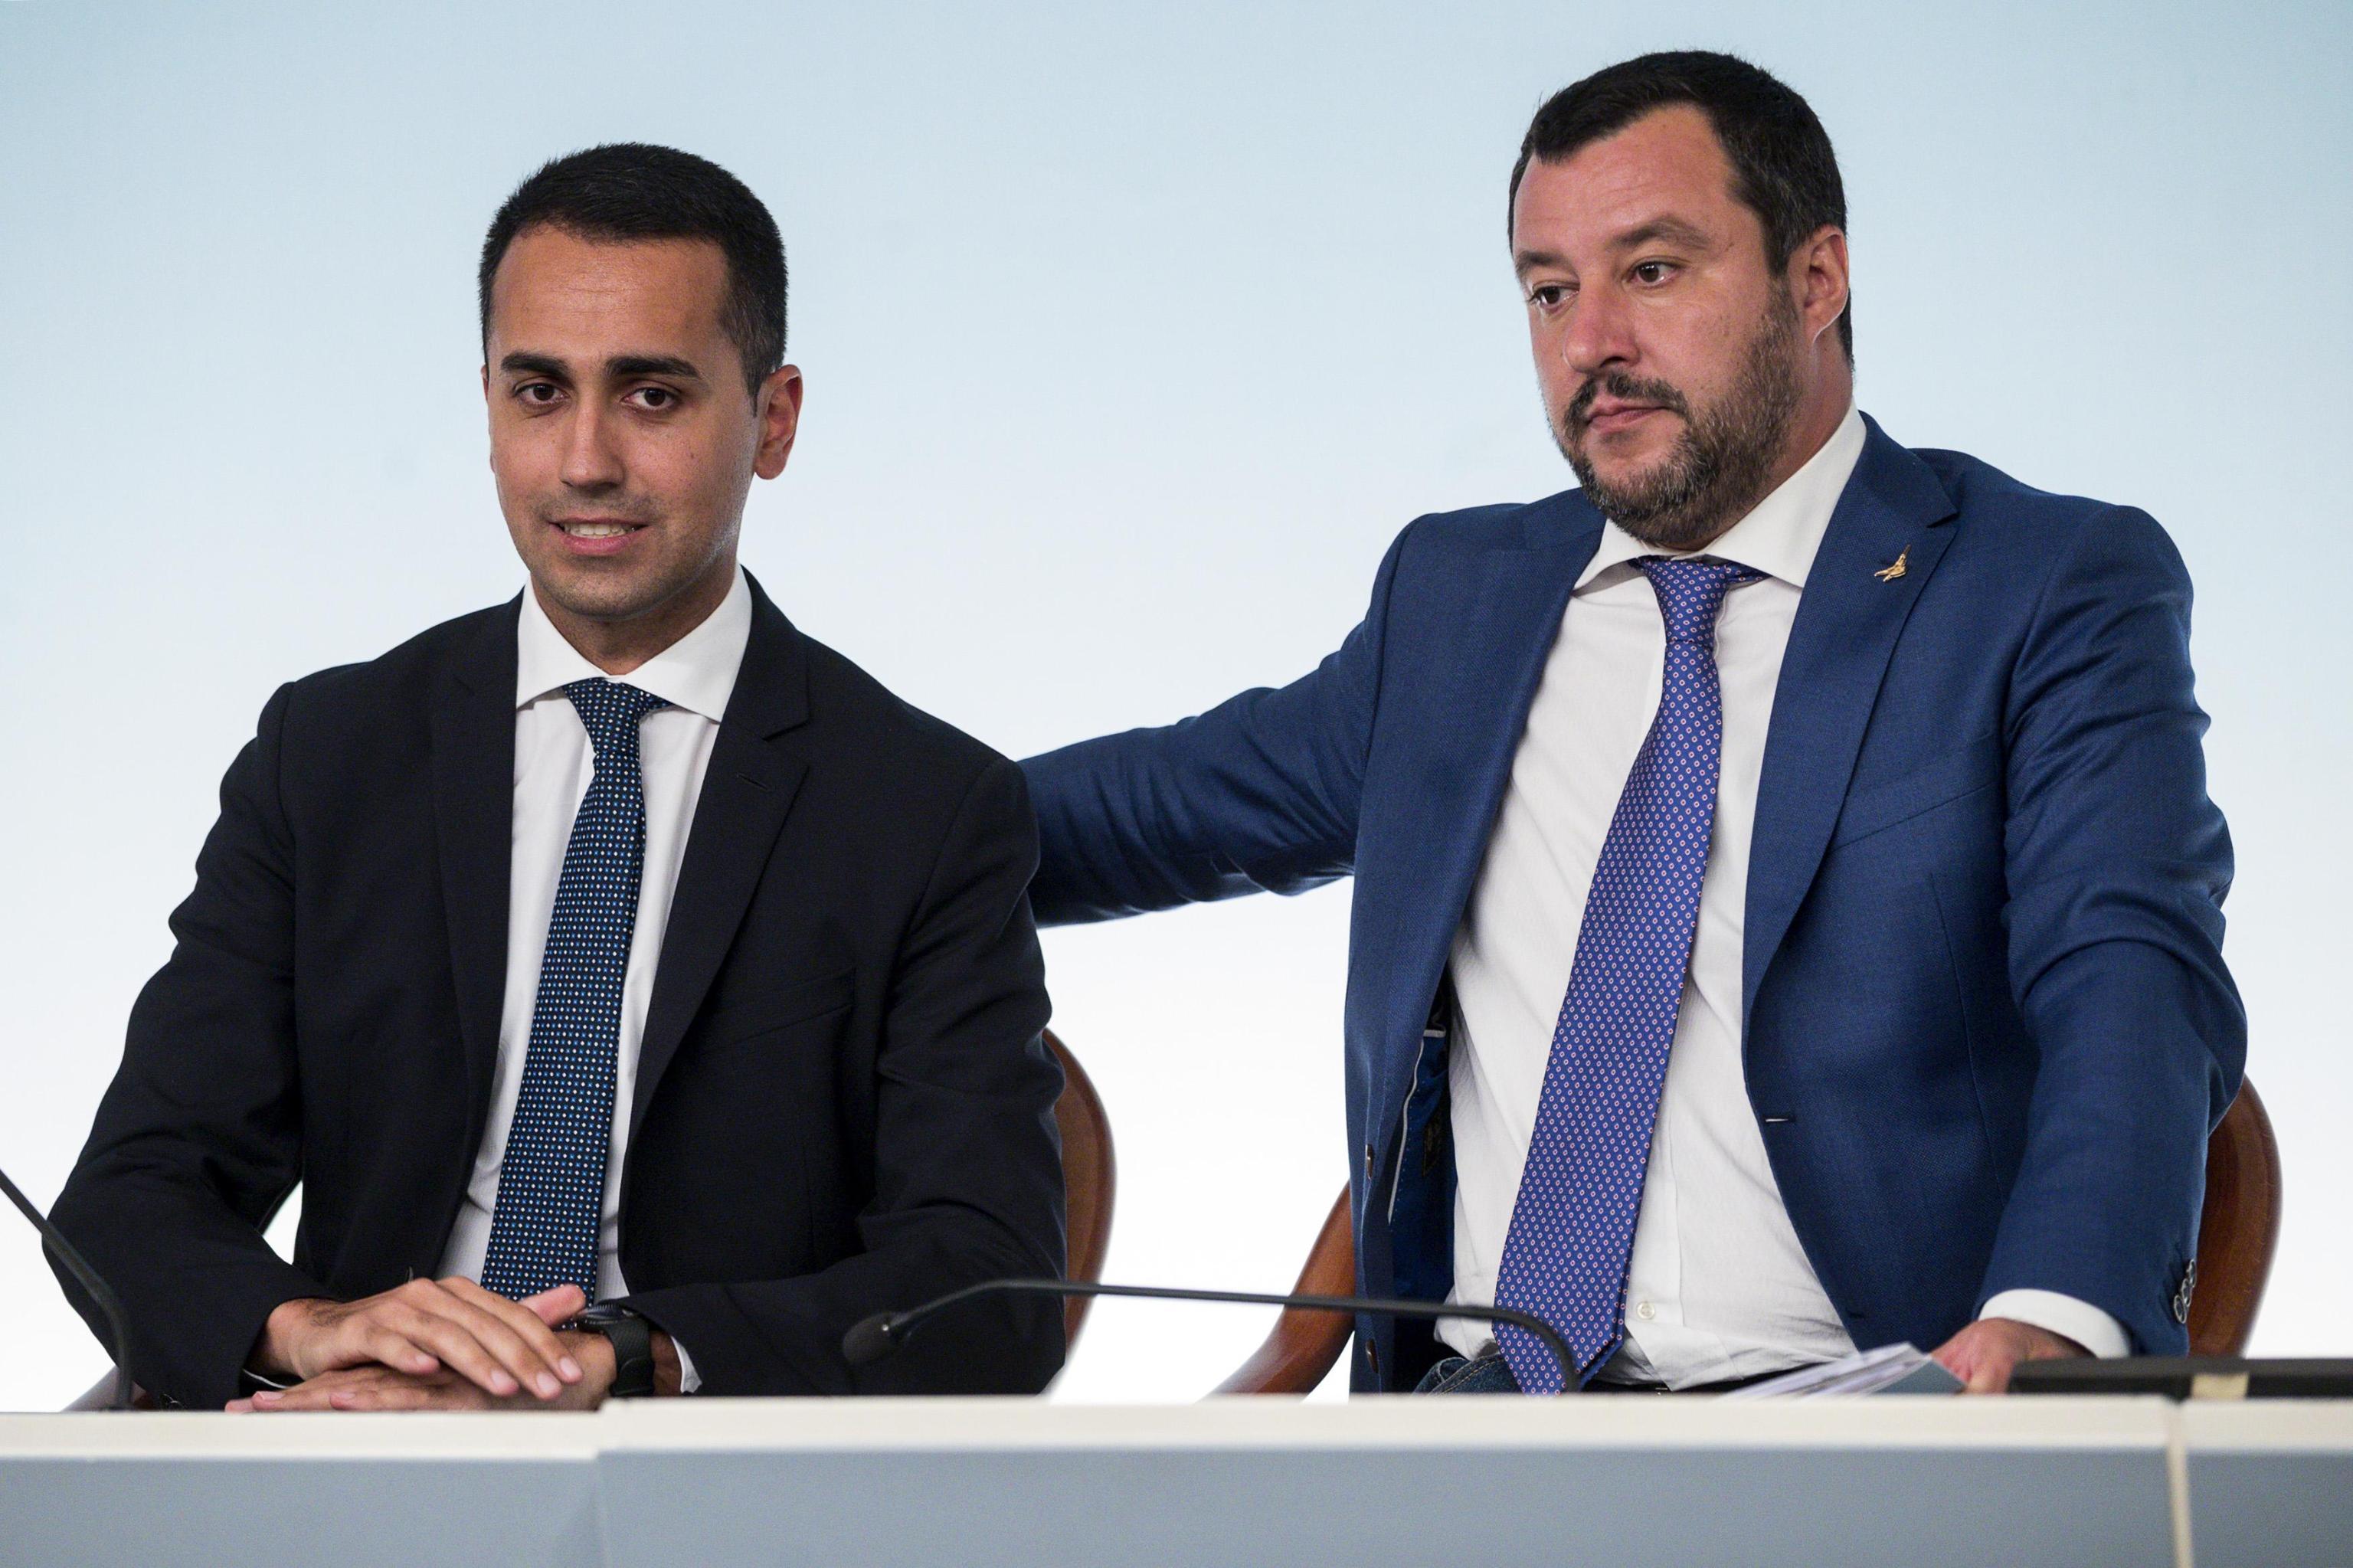 Il punto sulle elezioni europee di maggio